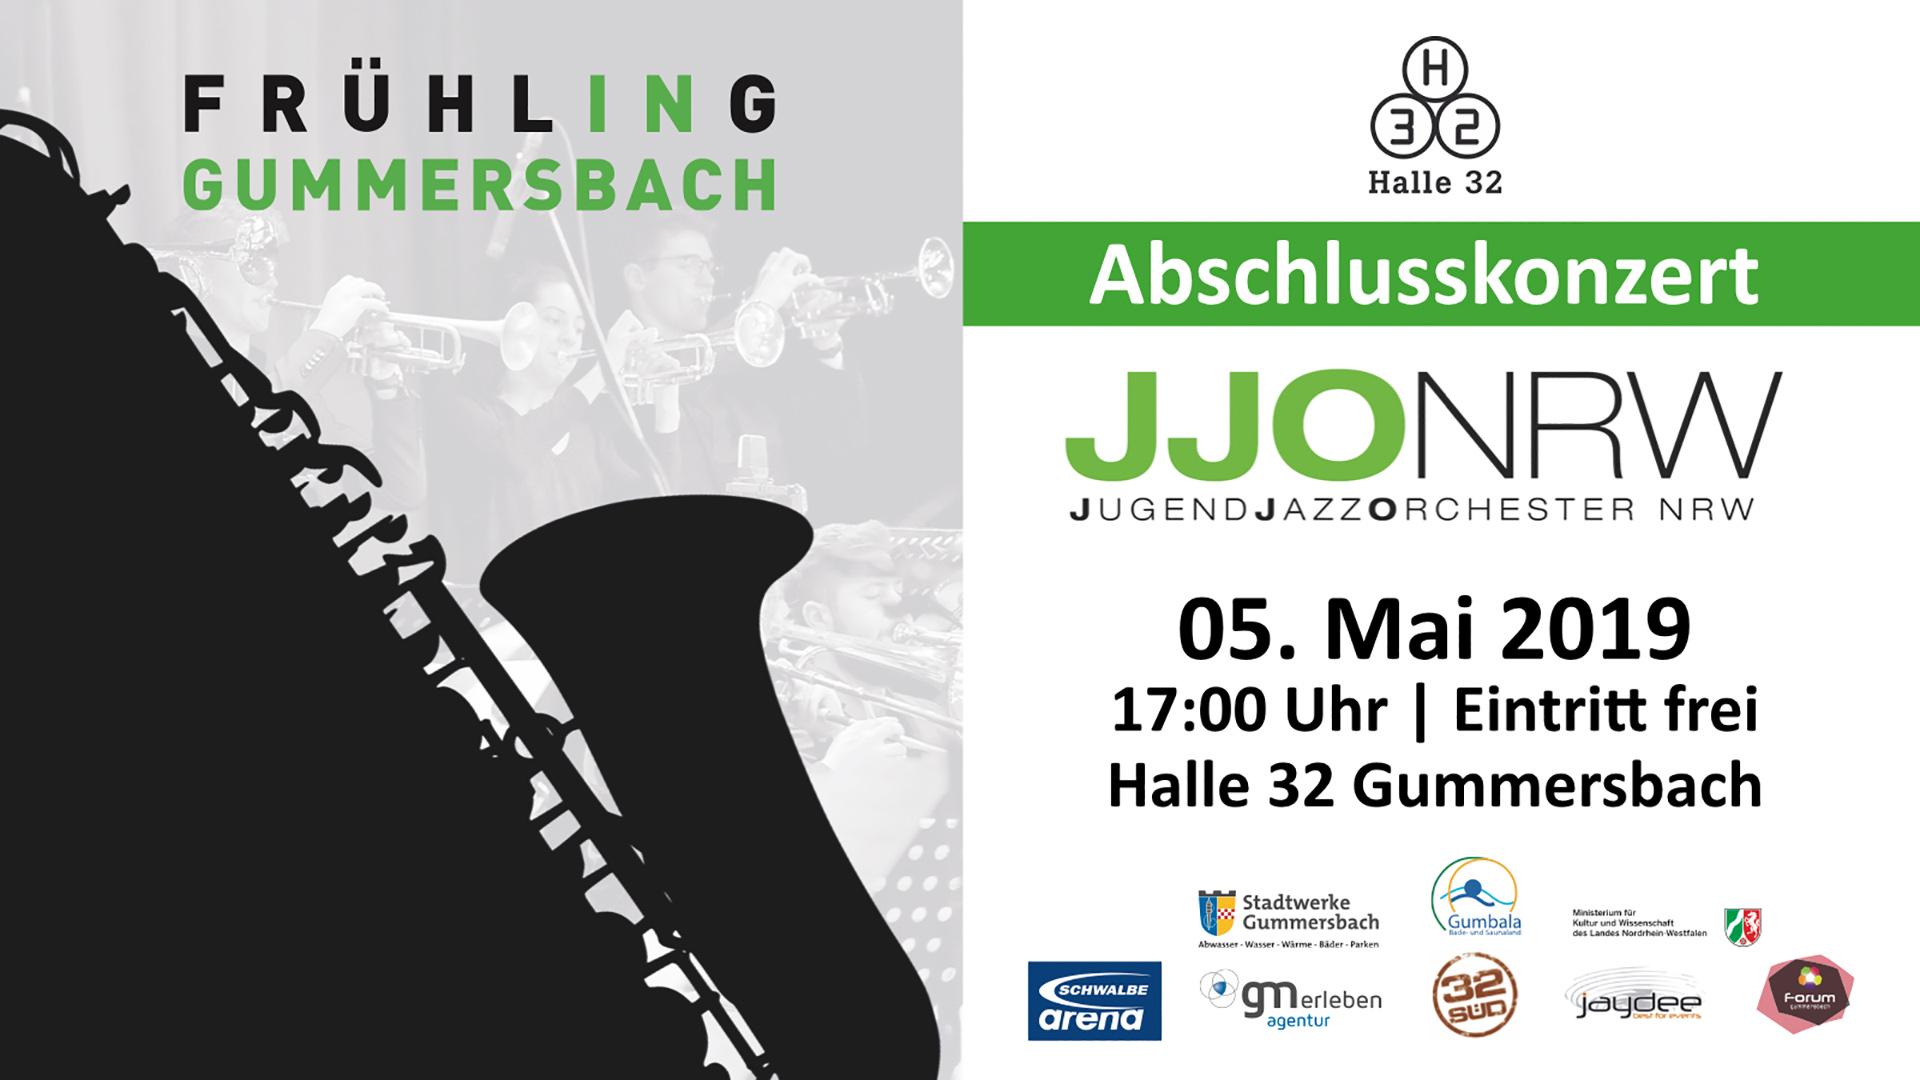 Halle 32 | JugendJazzOrchester NRW beim Frühling GM